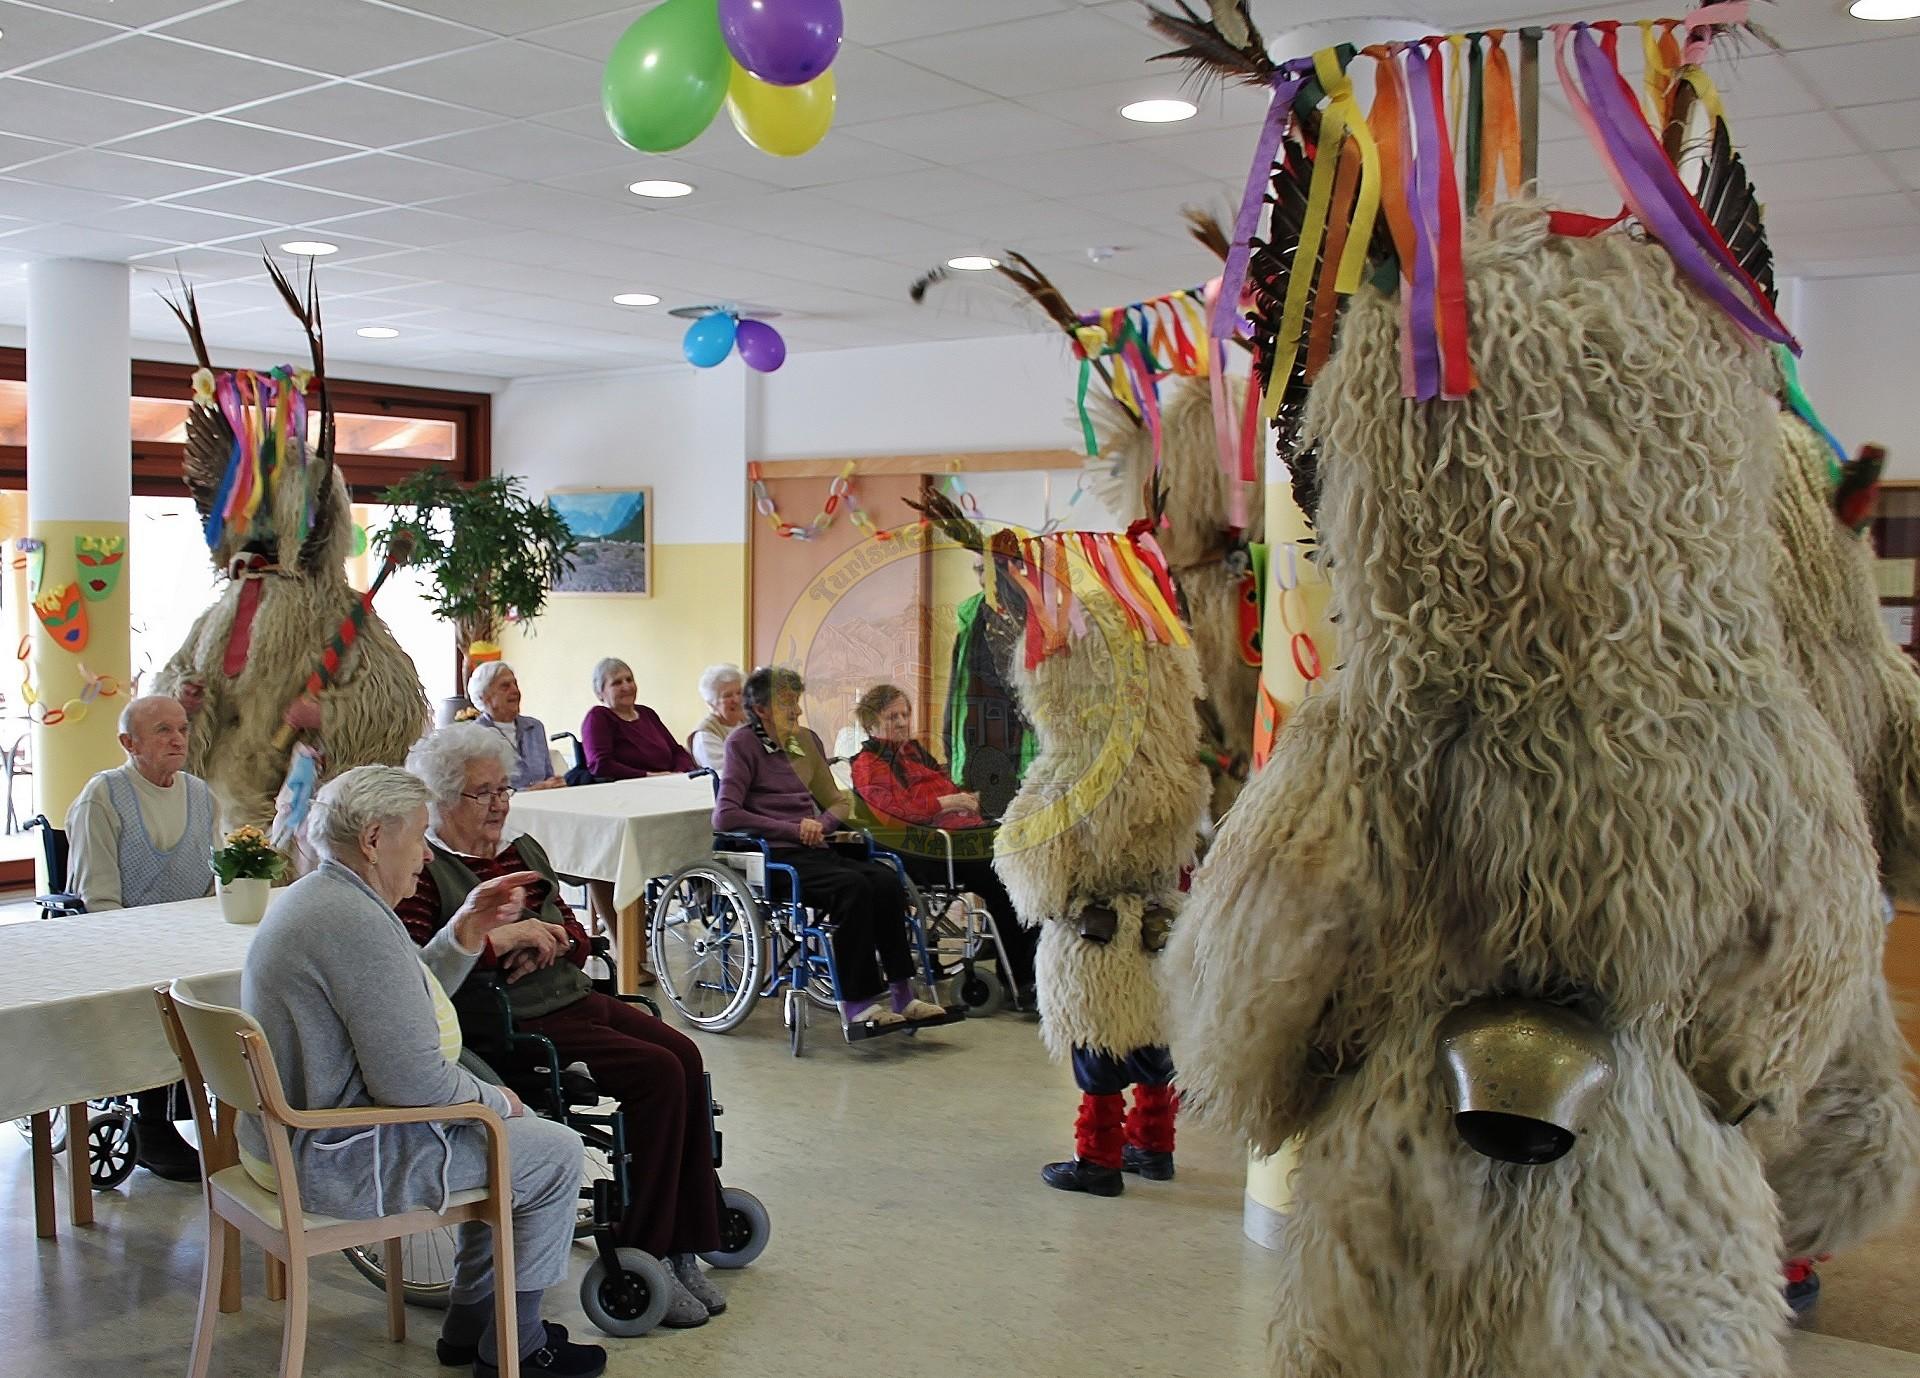 Koranti so obiskali tudi Dom starejših občanov v Naklem in starejšim prinesli veselje in kanček sonca.